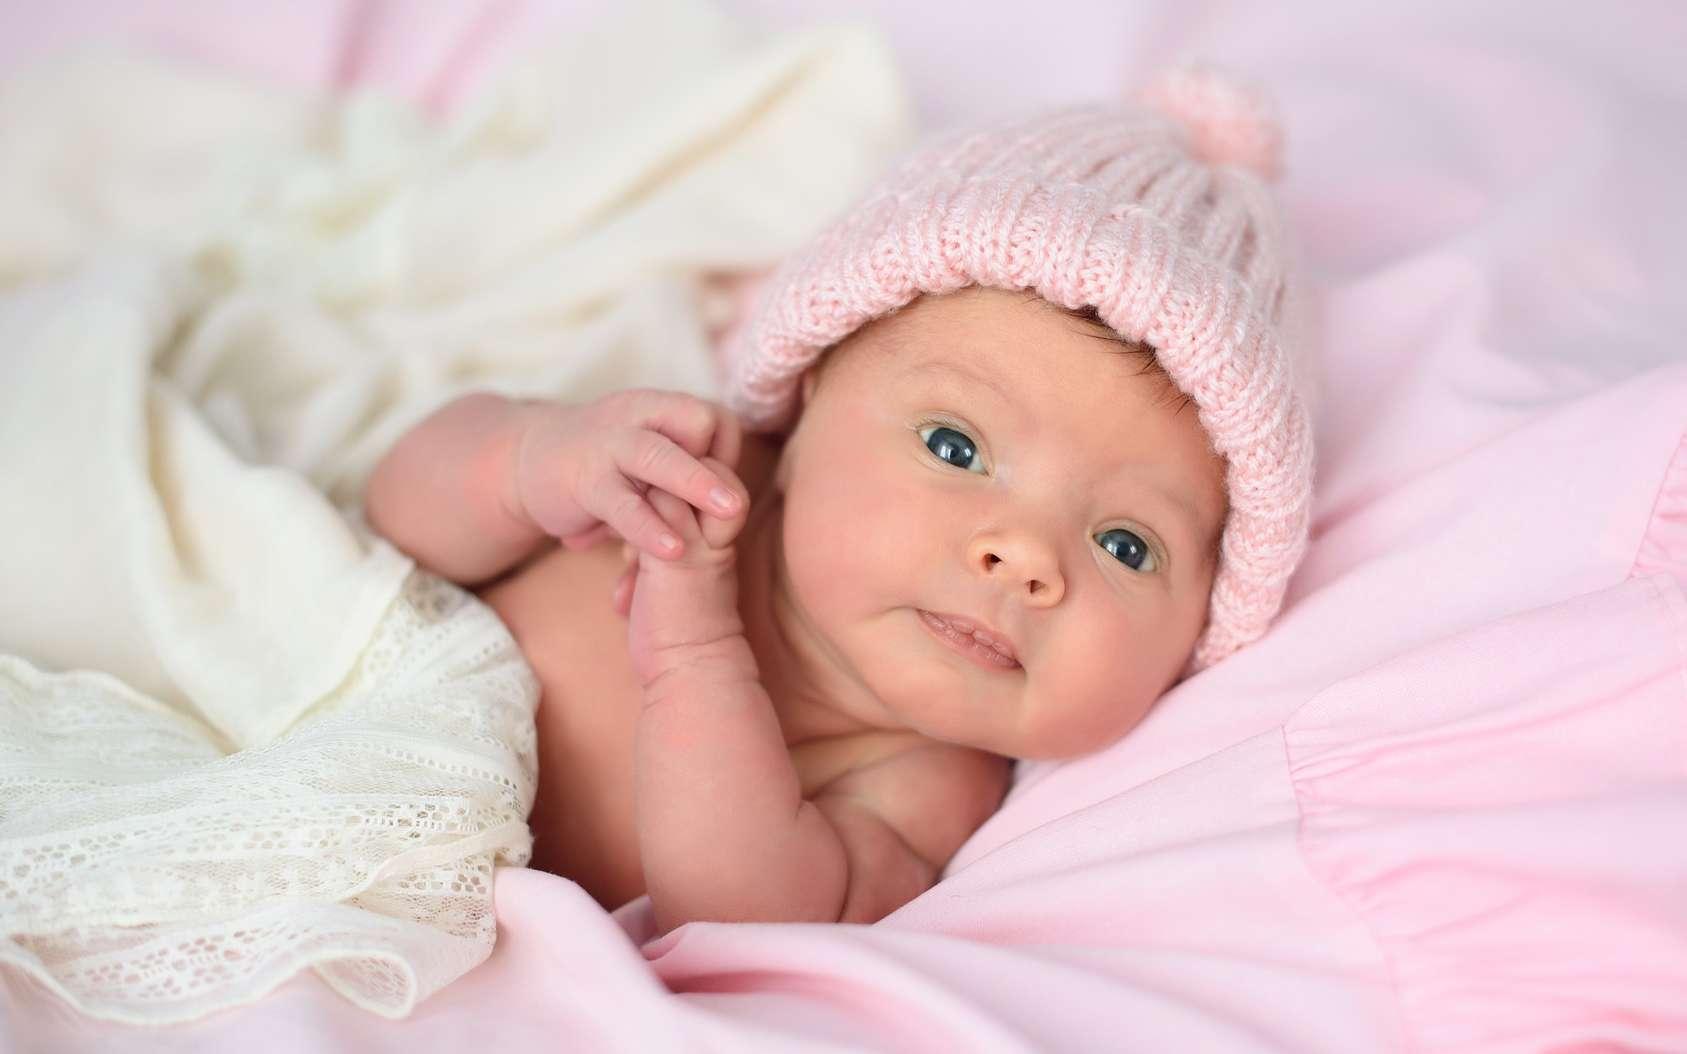 À la naissance, le bébé montre déjà de l'intérêt pour les visages. Et dans l'utérus ? © Nestyda, Fotolia